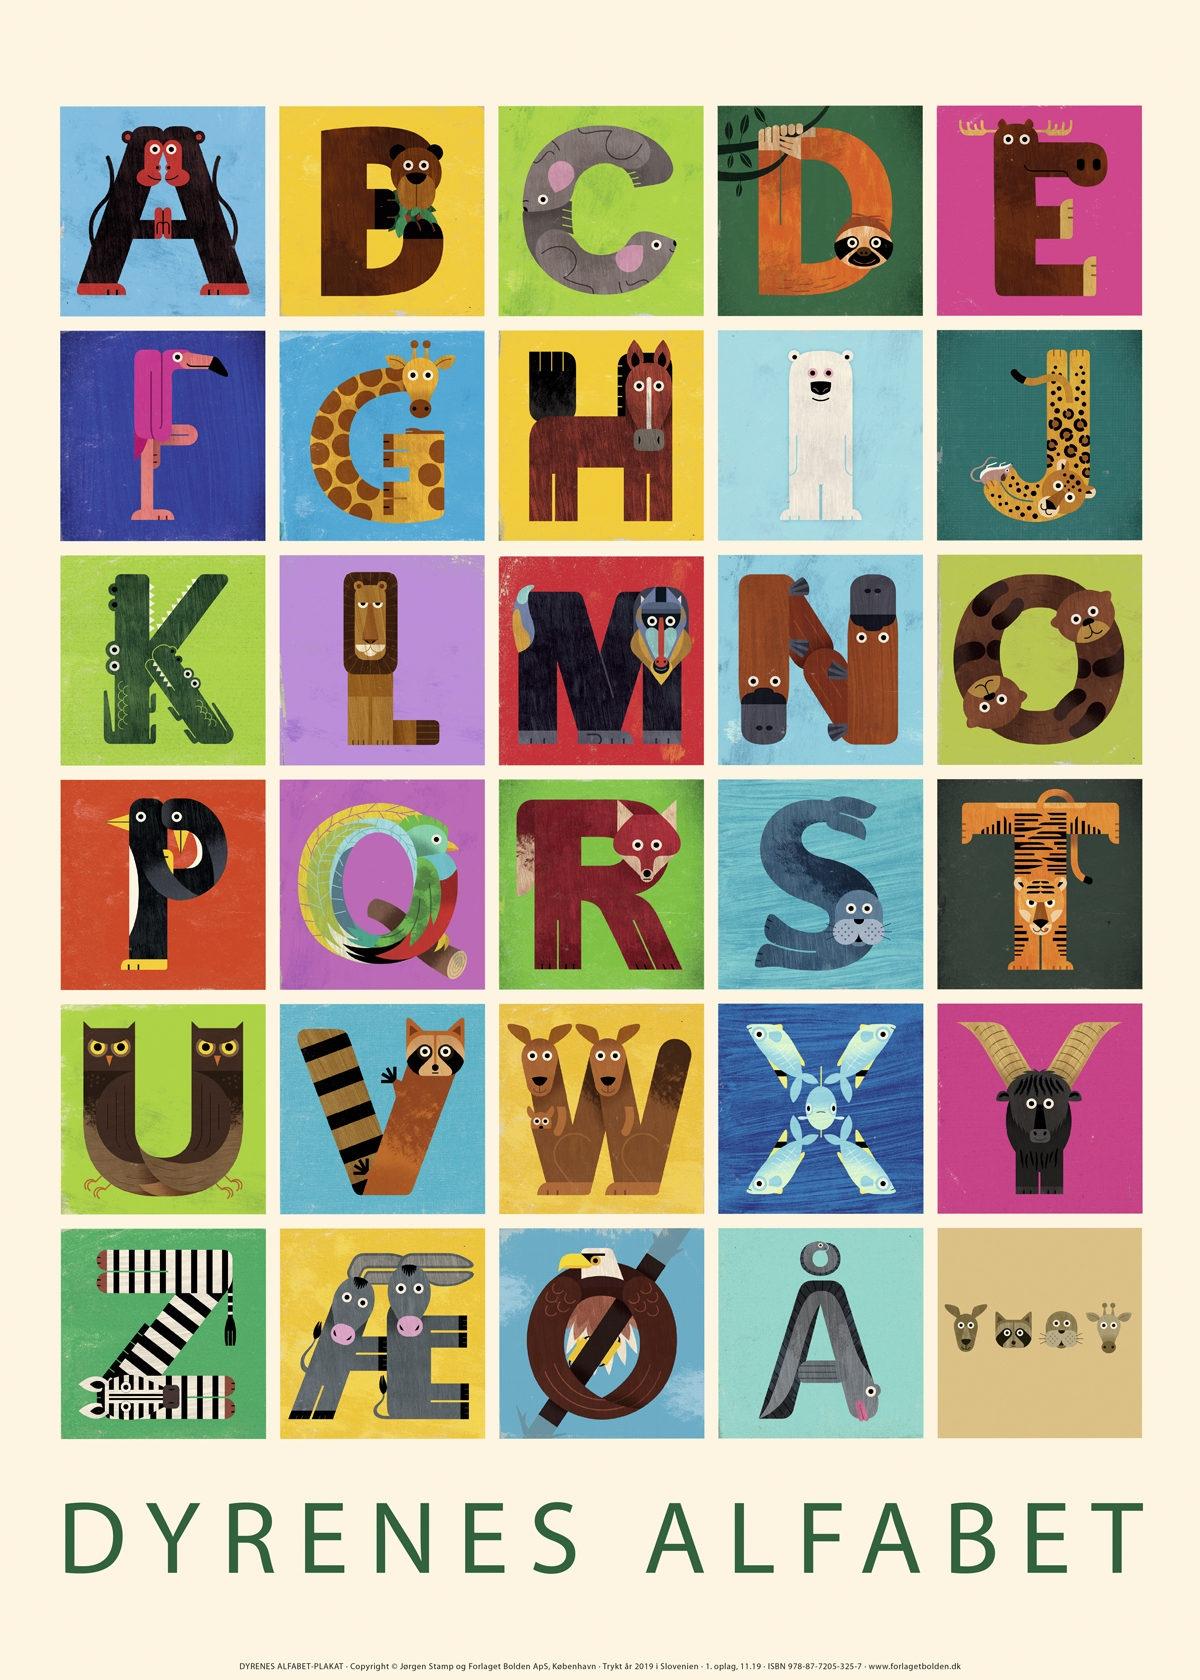 Dyrenes alfabet-plakat